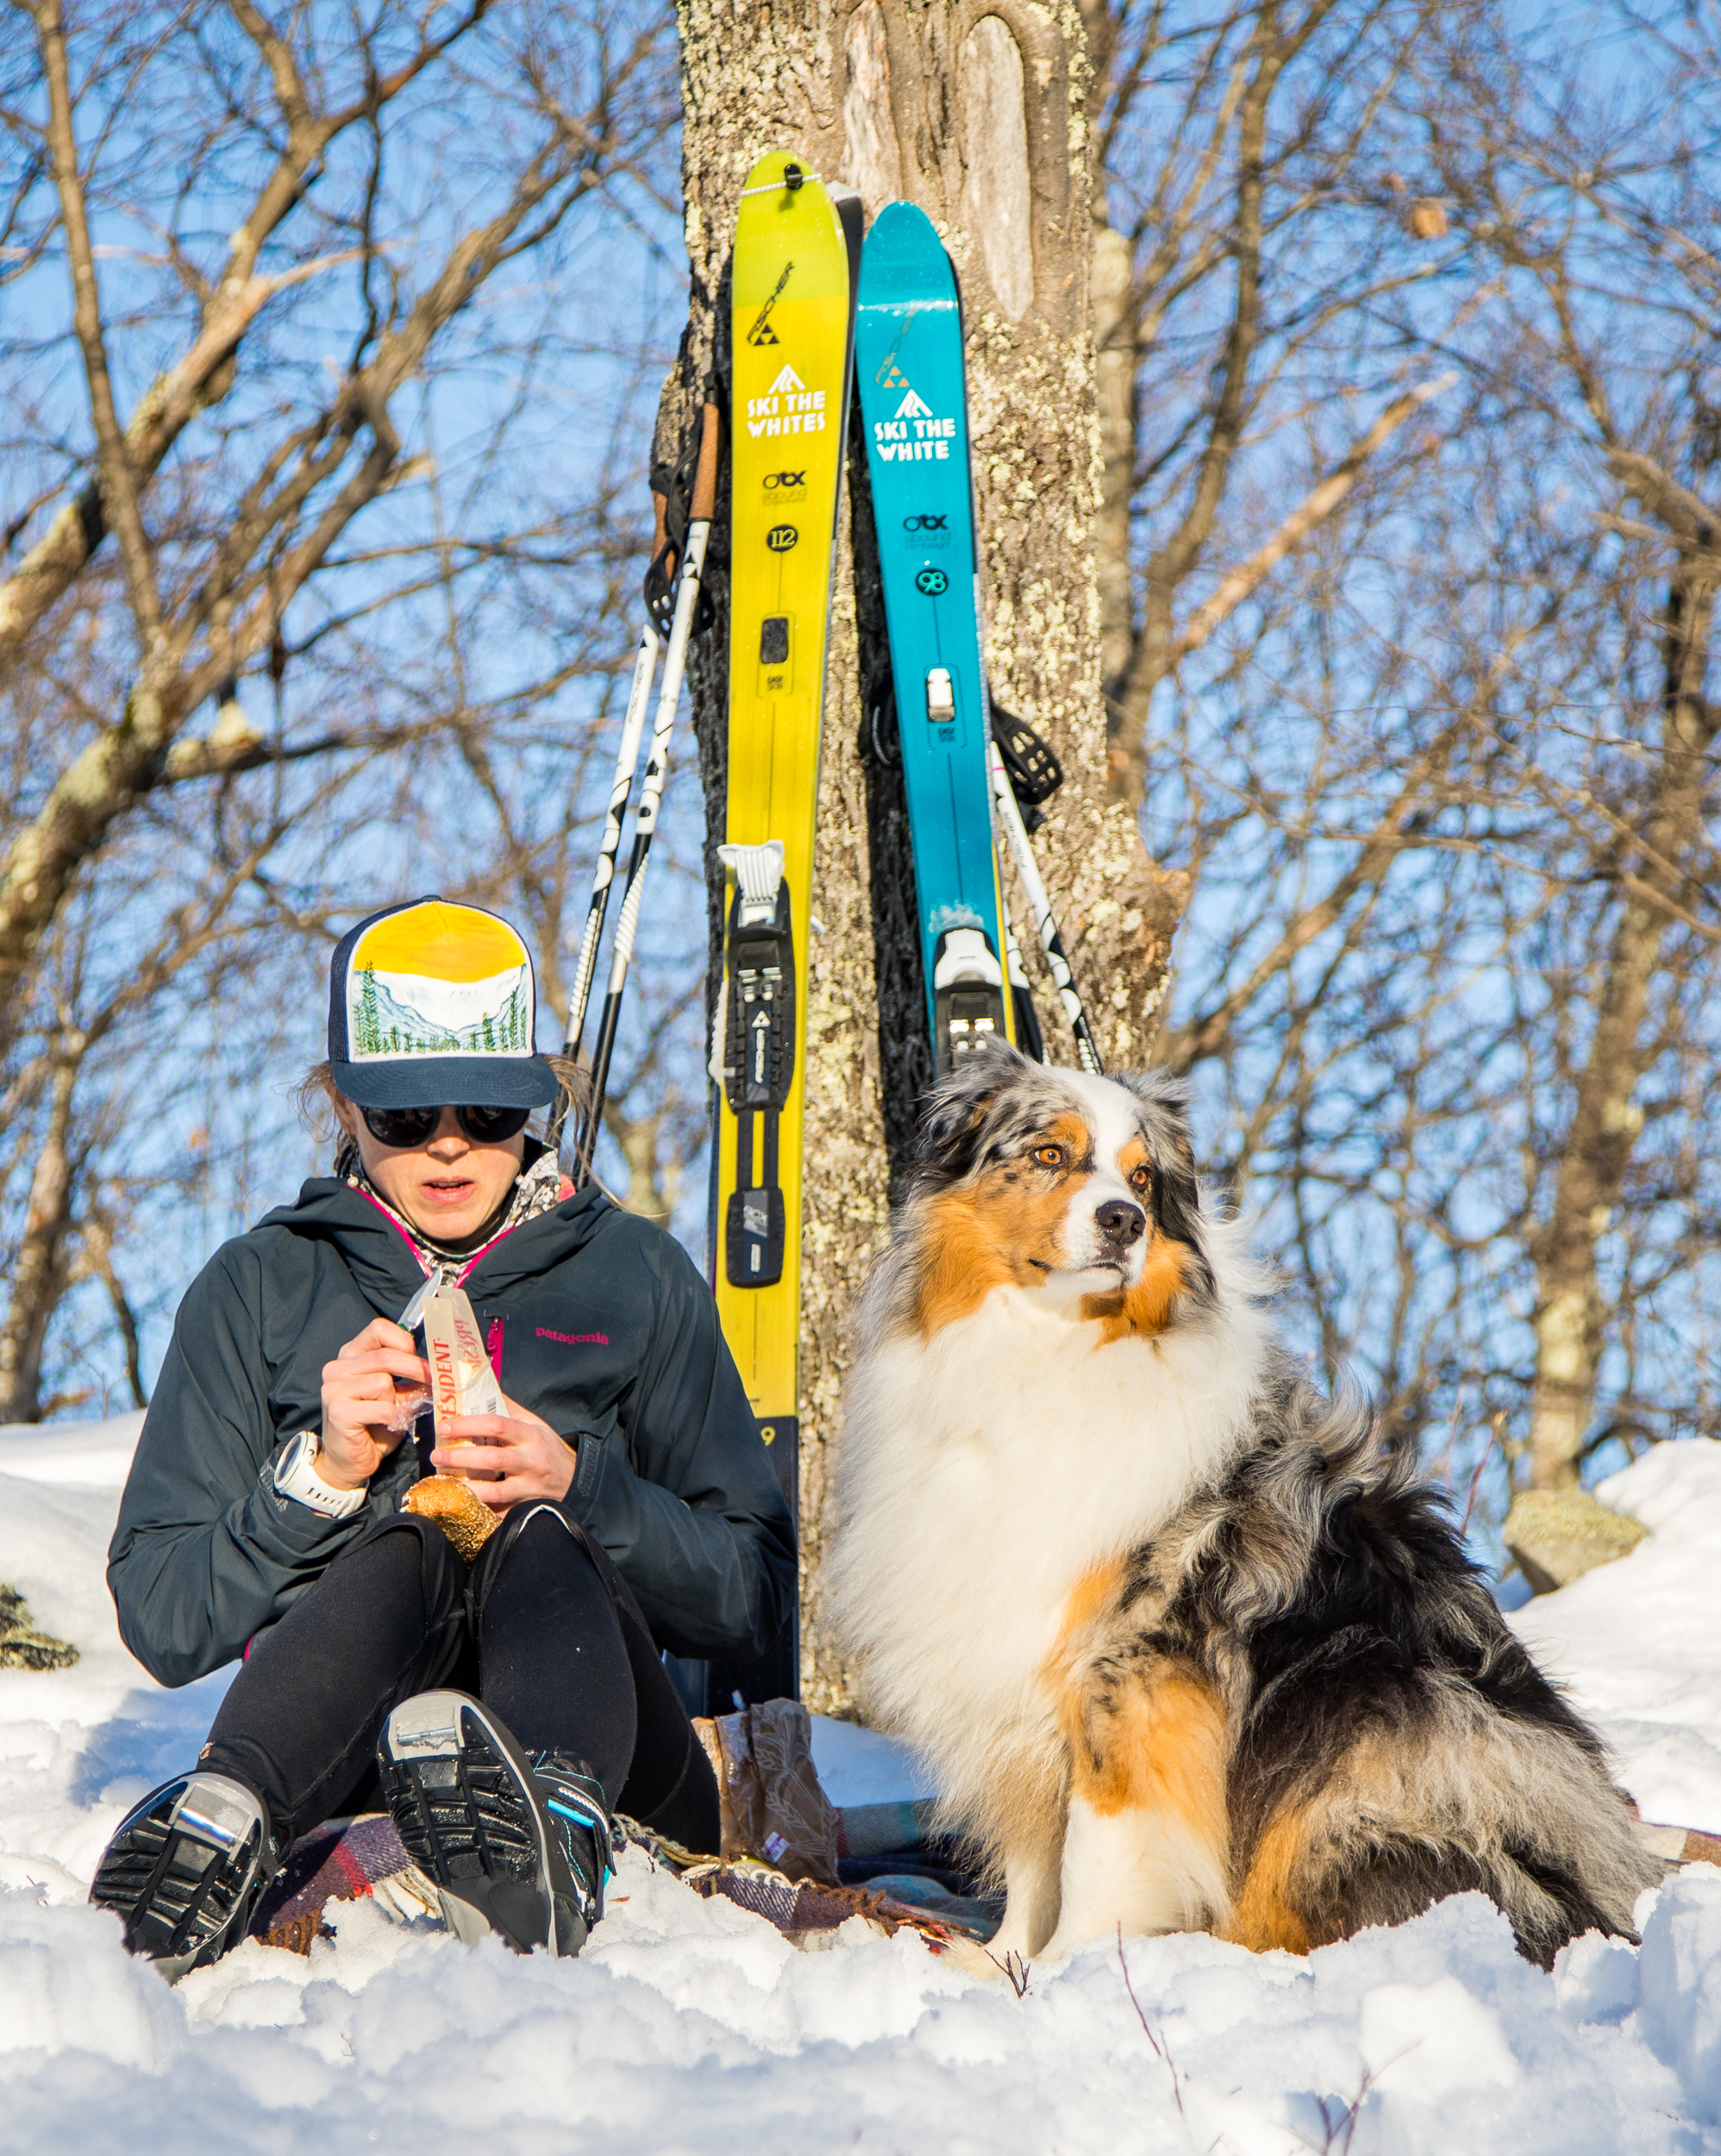 Nordic Backcountry Fischer Ski The Whites.jpg